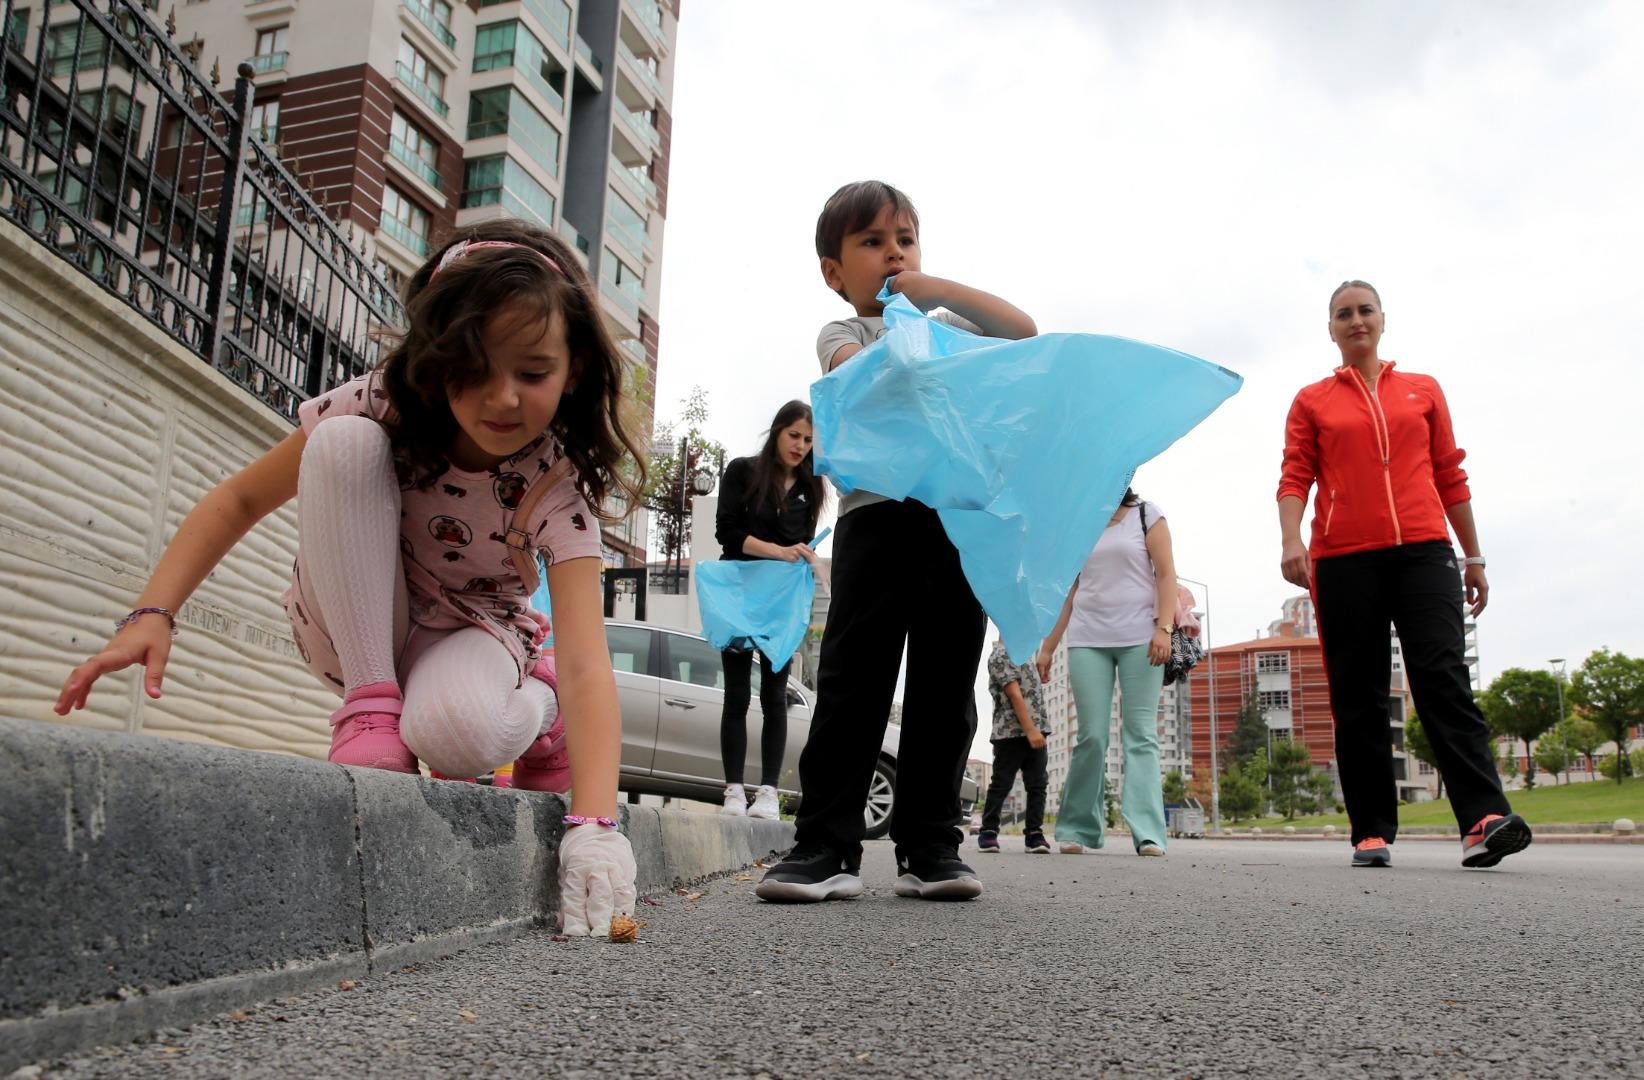 Anneler, çocuklarıyla parklardaki atıkları topluyor